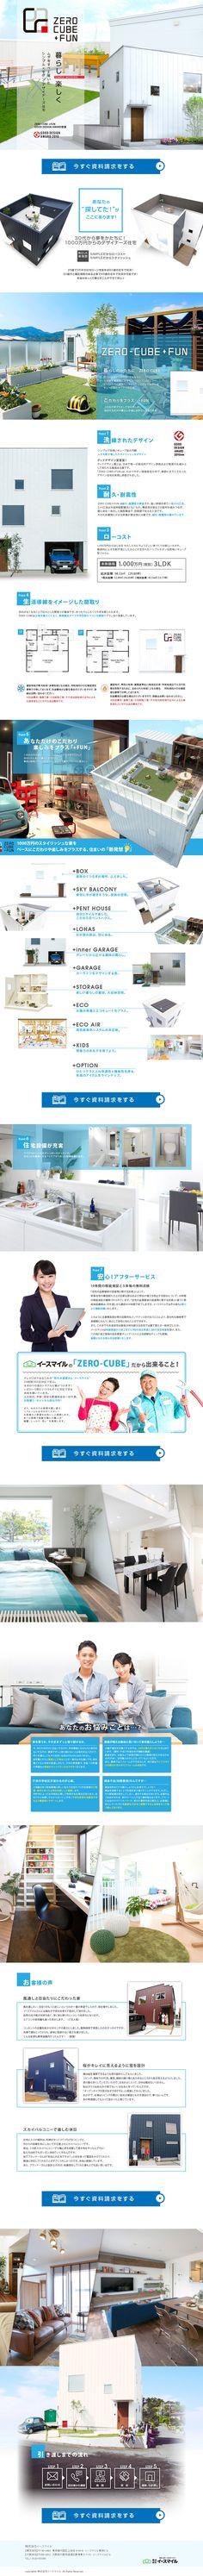 ランディングページ(LP)制作実績。大阪市浪速区の株式会社イースマイルより制作依頼を受け、教材・サービスの暮らし楽しく「ZERO CUBE + FUN」商品ページをデザイン。LPOならランディングページ制作.jp